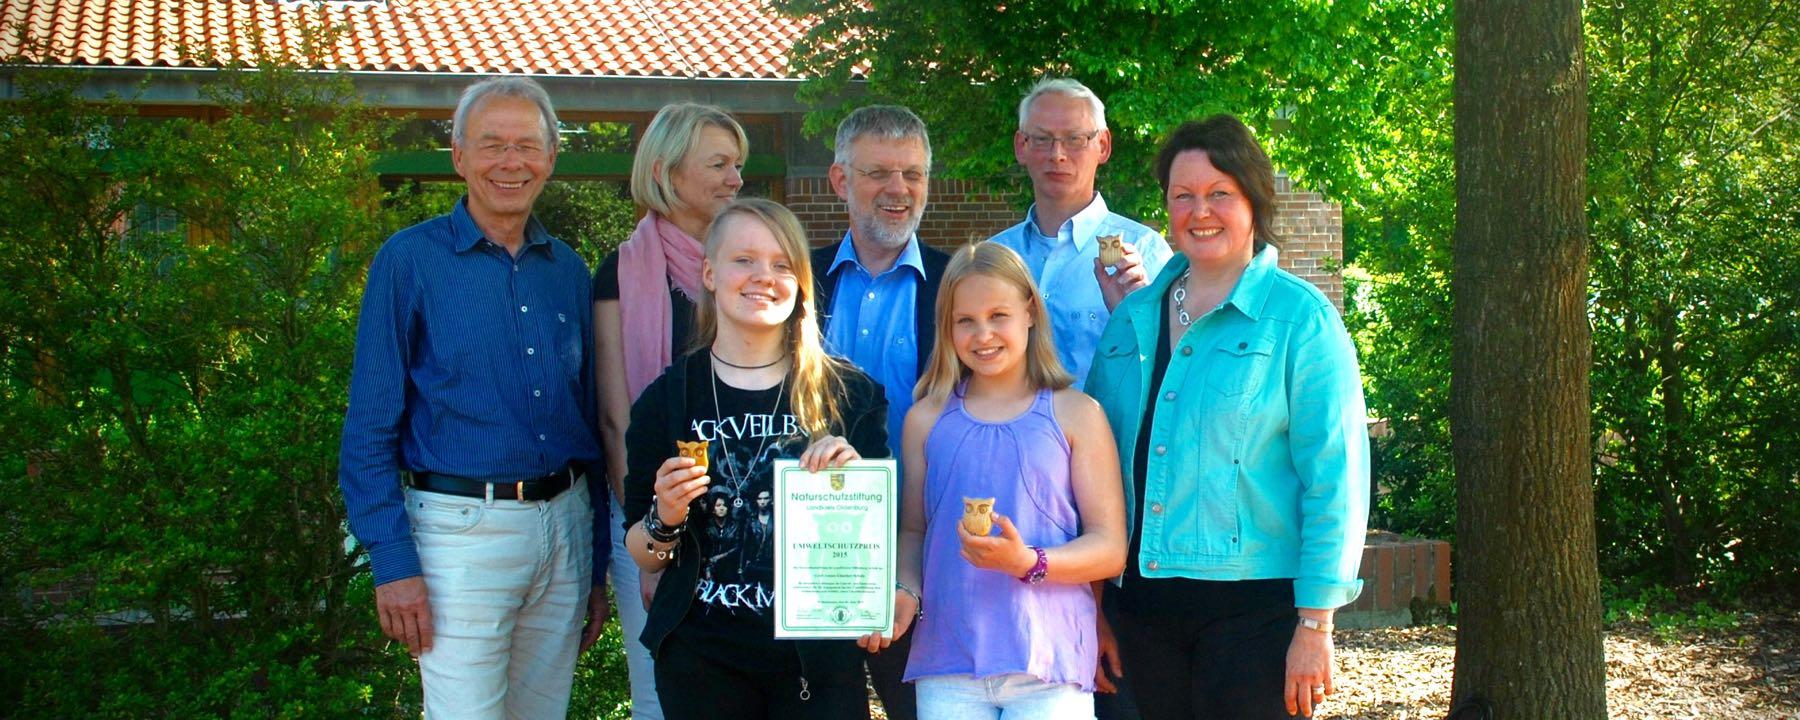 Umweltschutzpreis Des Landkreises Für GAG-Projekt